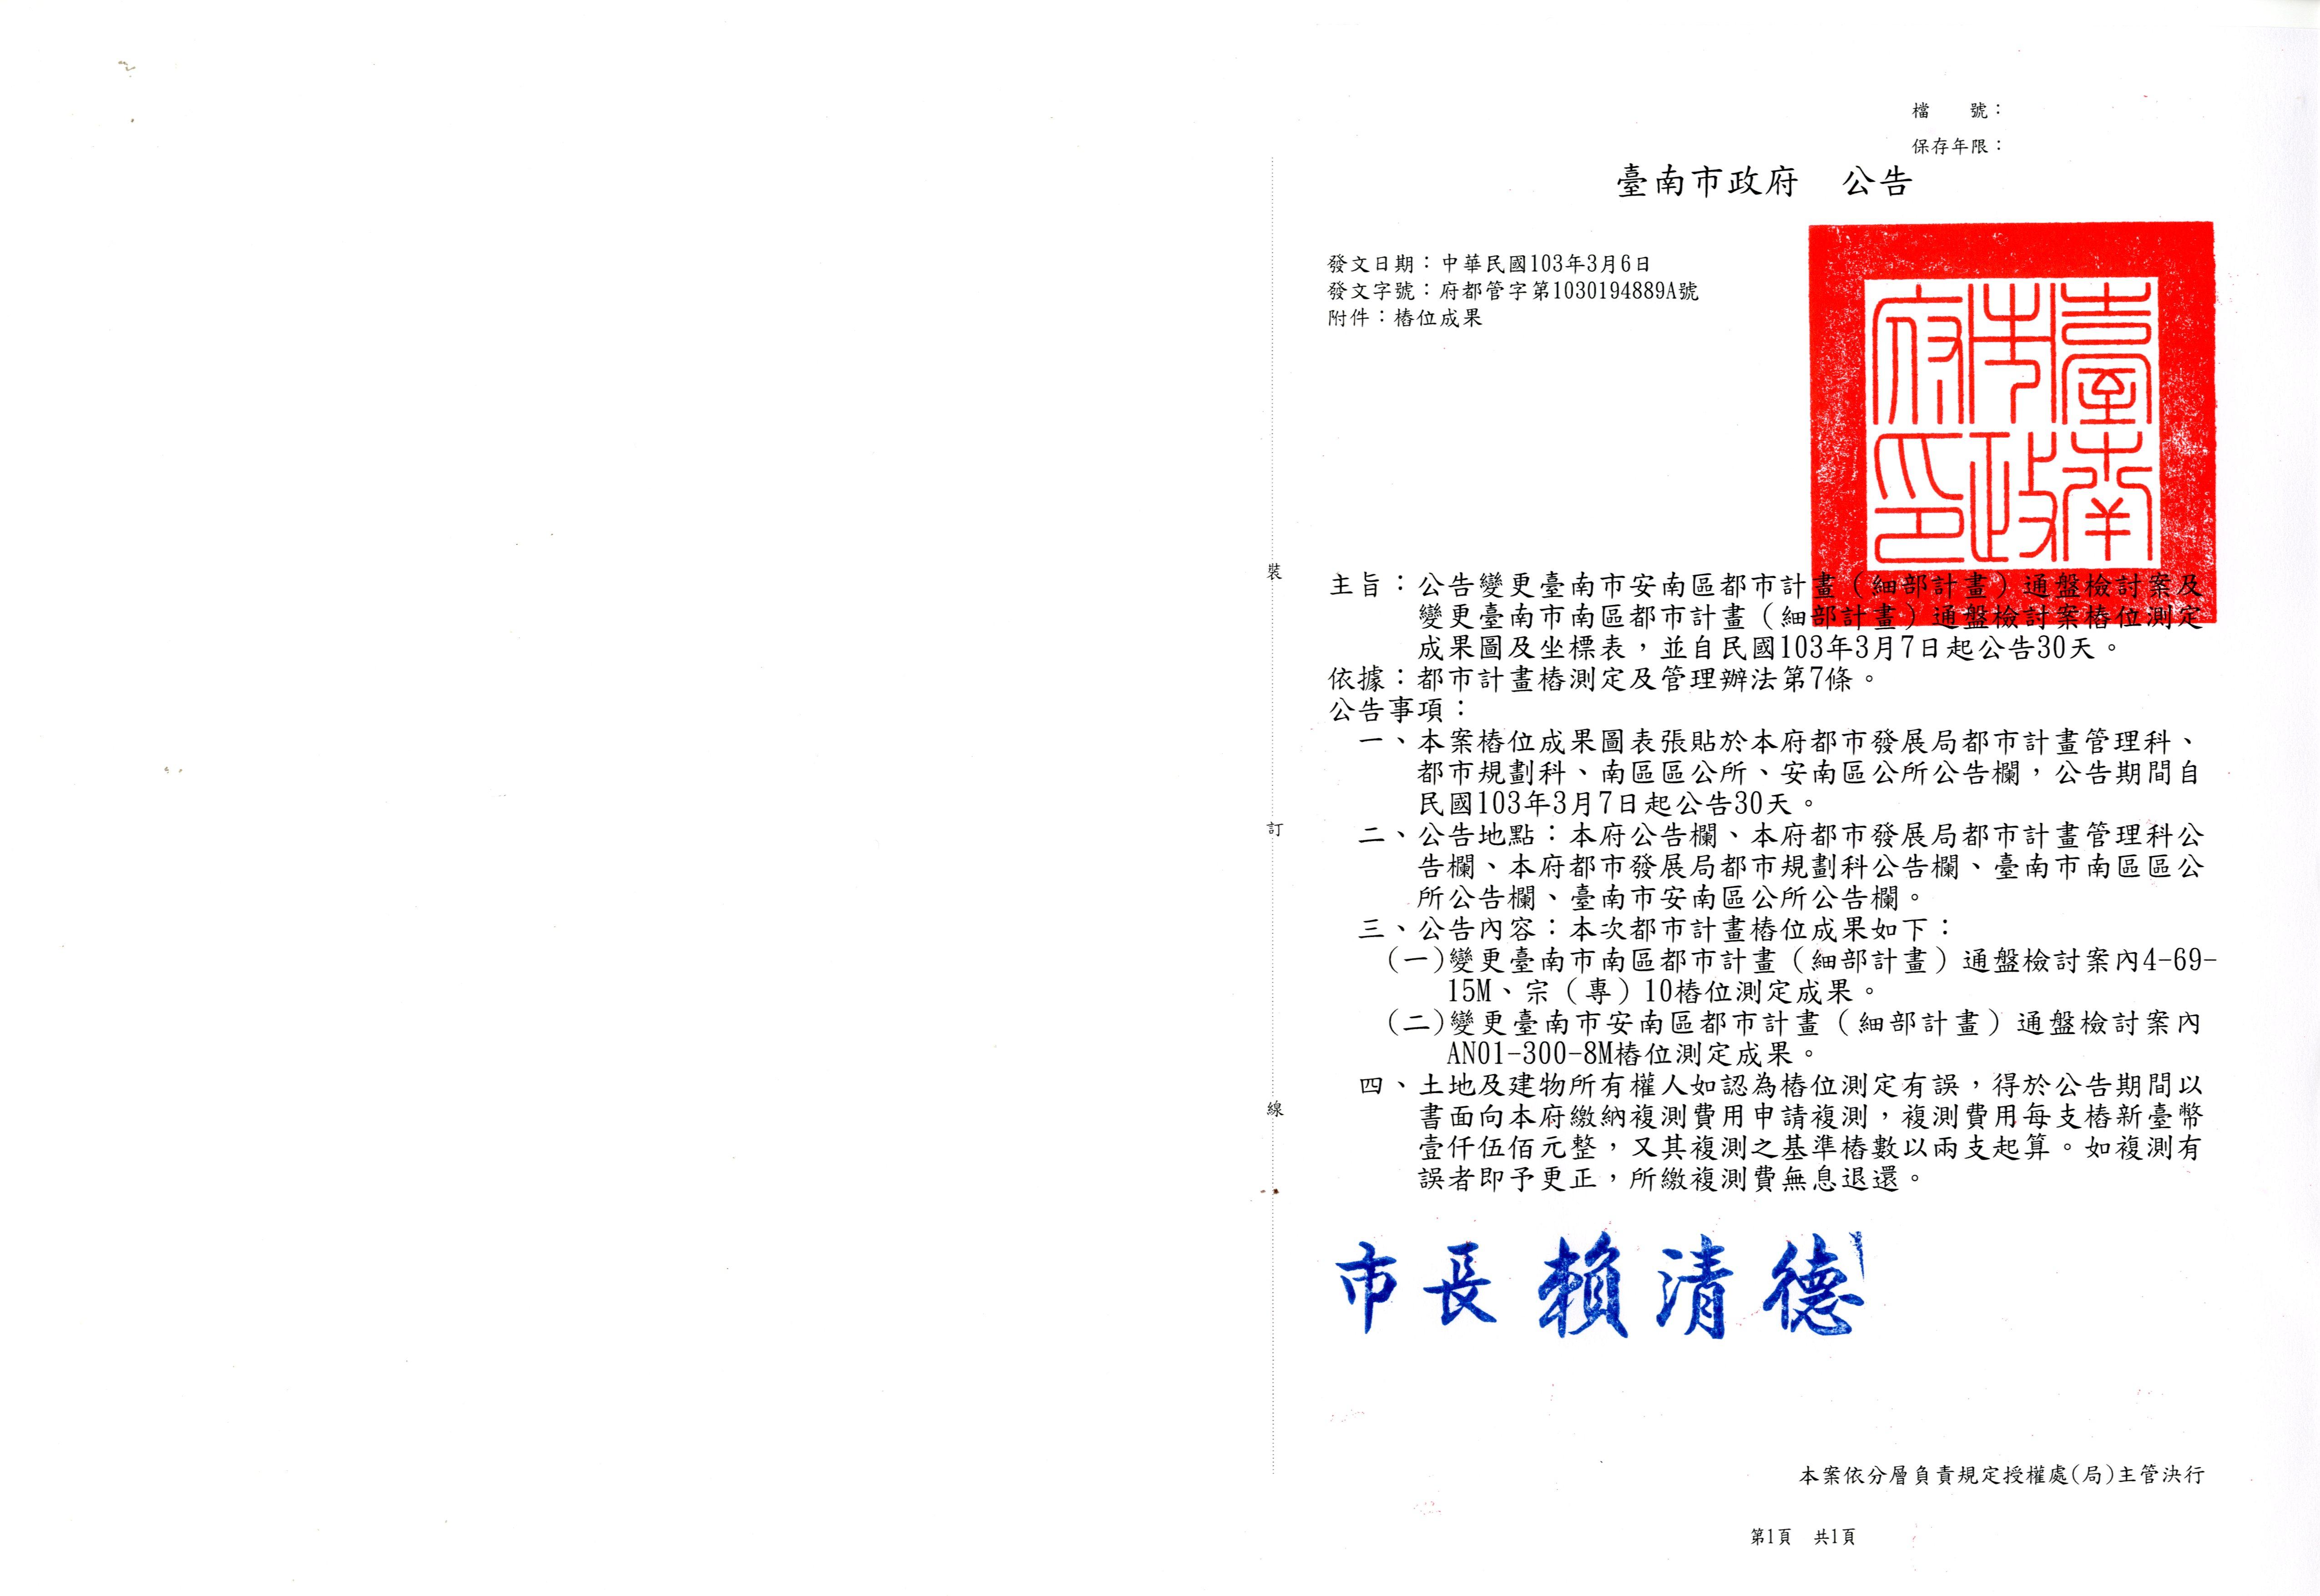 公告變更臺南市安南區都市計畫(細部計畫)通盤檢討案及變更臺南市南區都市計畫(細部計畫)通盤檢討案樁位測定成果圖及坐標表,並自民國103年3月7日起公告30天  0